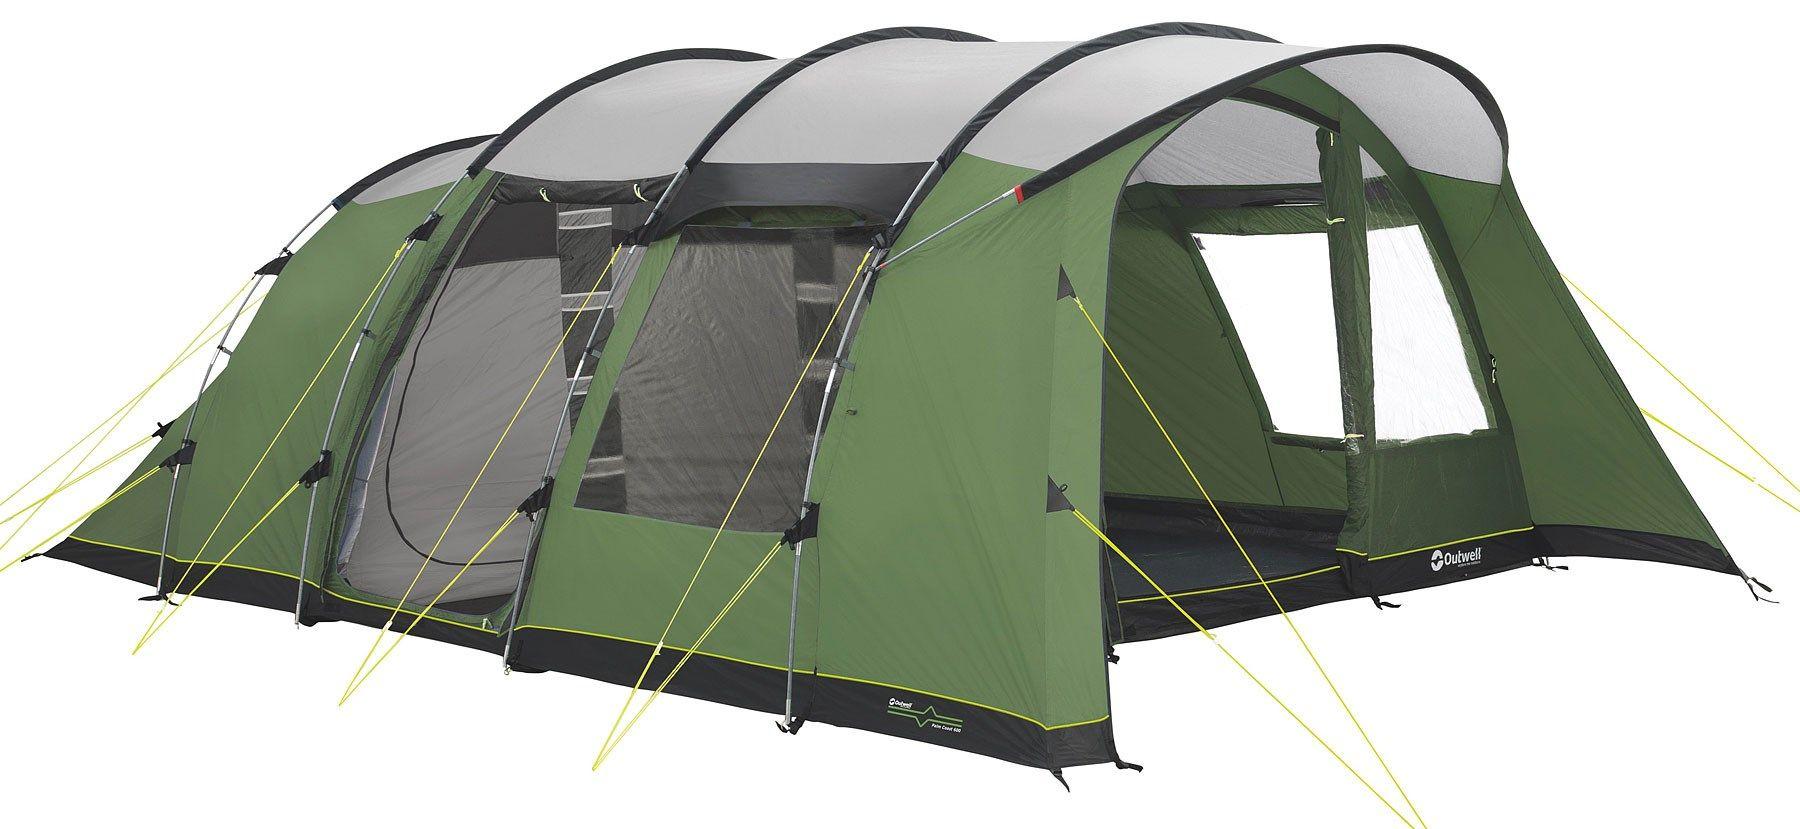 gooutdoors tents coleman 3 coastal